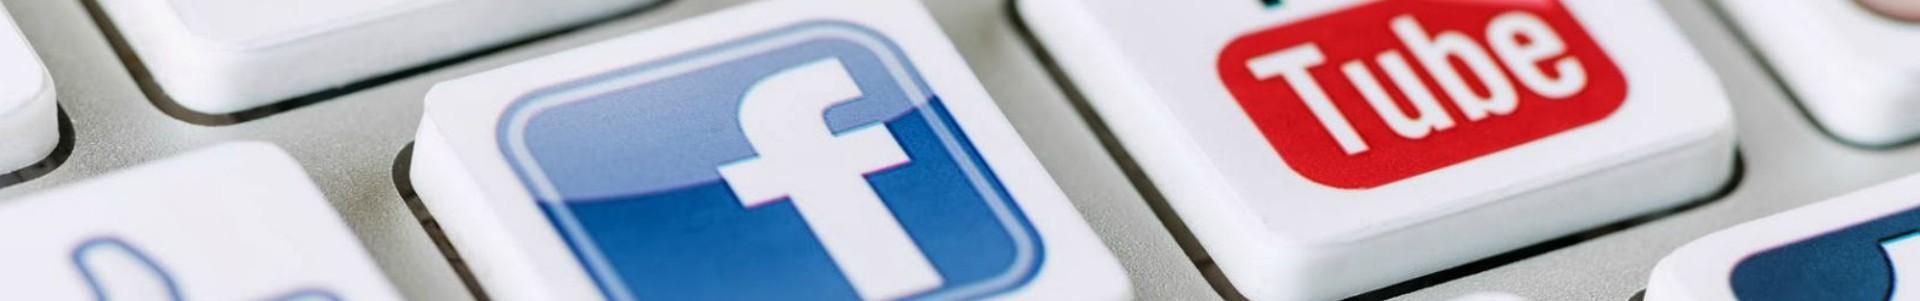 mpc-back-socialmedia